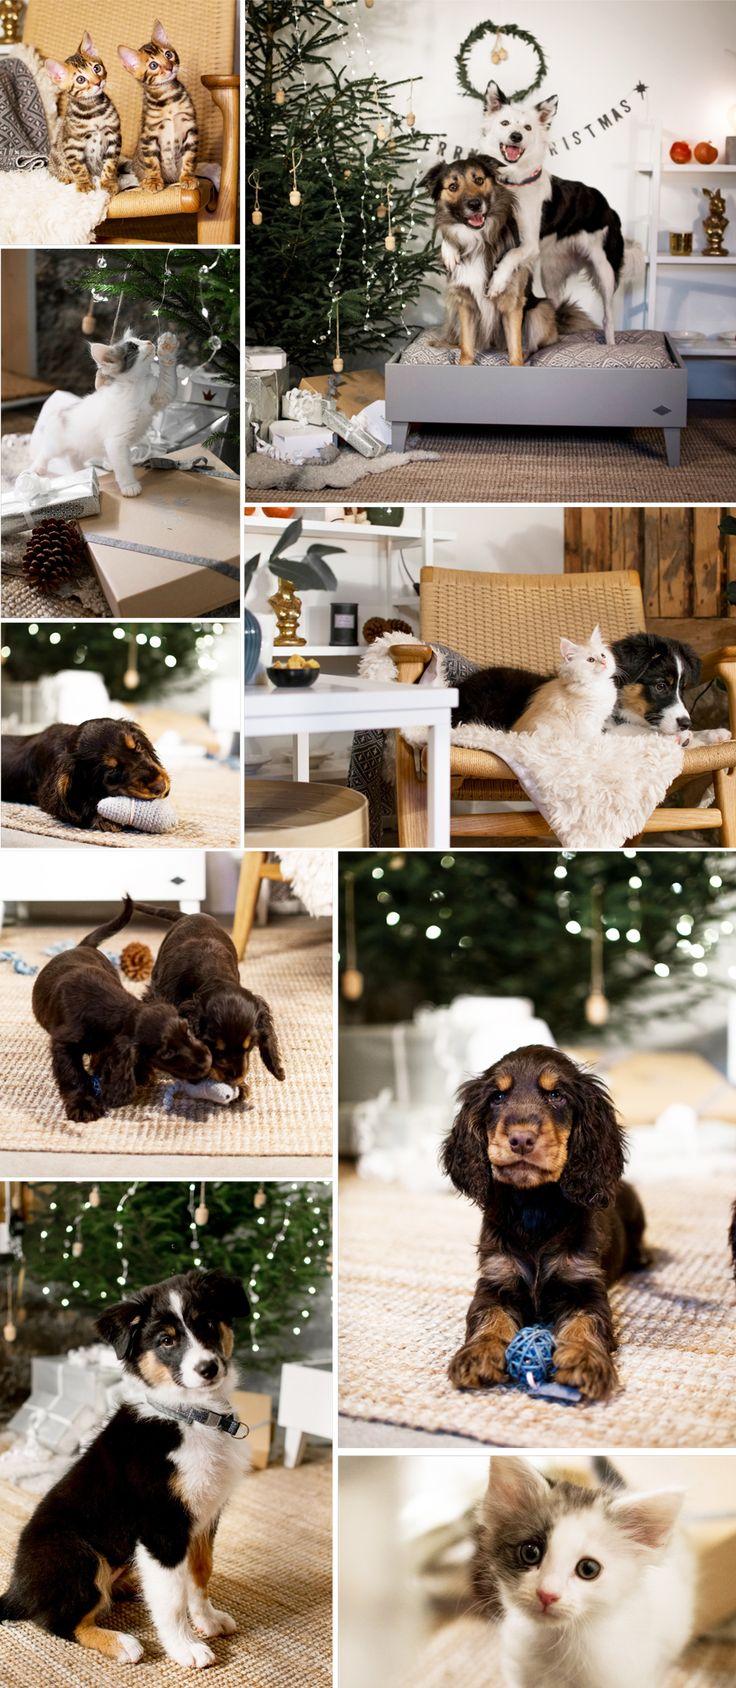 Skandinavisk design till katt och hund. Jul. Cockerspaniel. Hundsäng. Kattbädd. Norsk Skogskatt. Kattungar. Hundvalp.